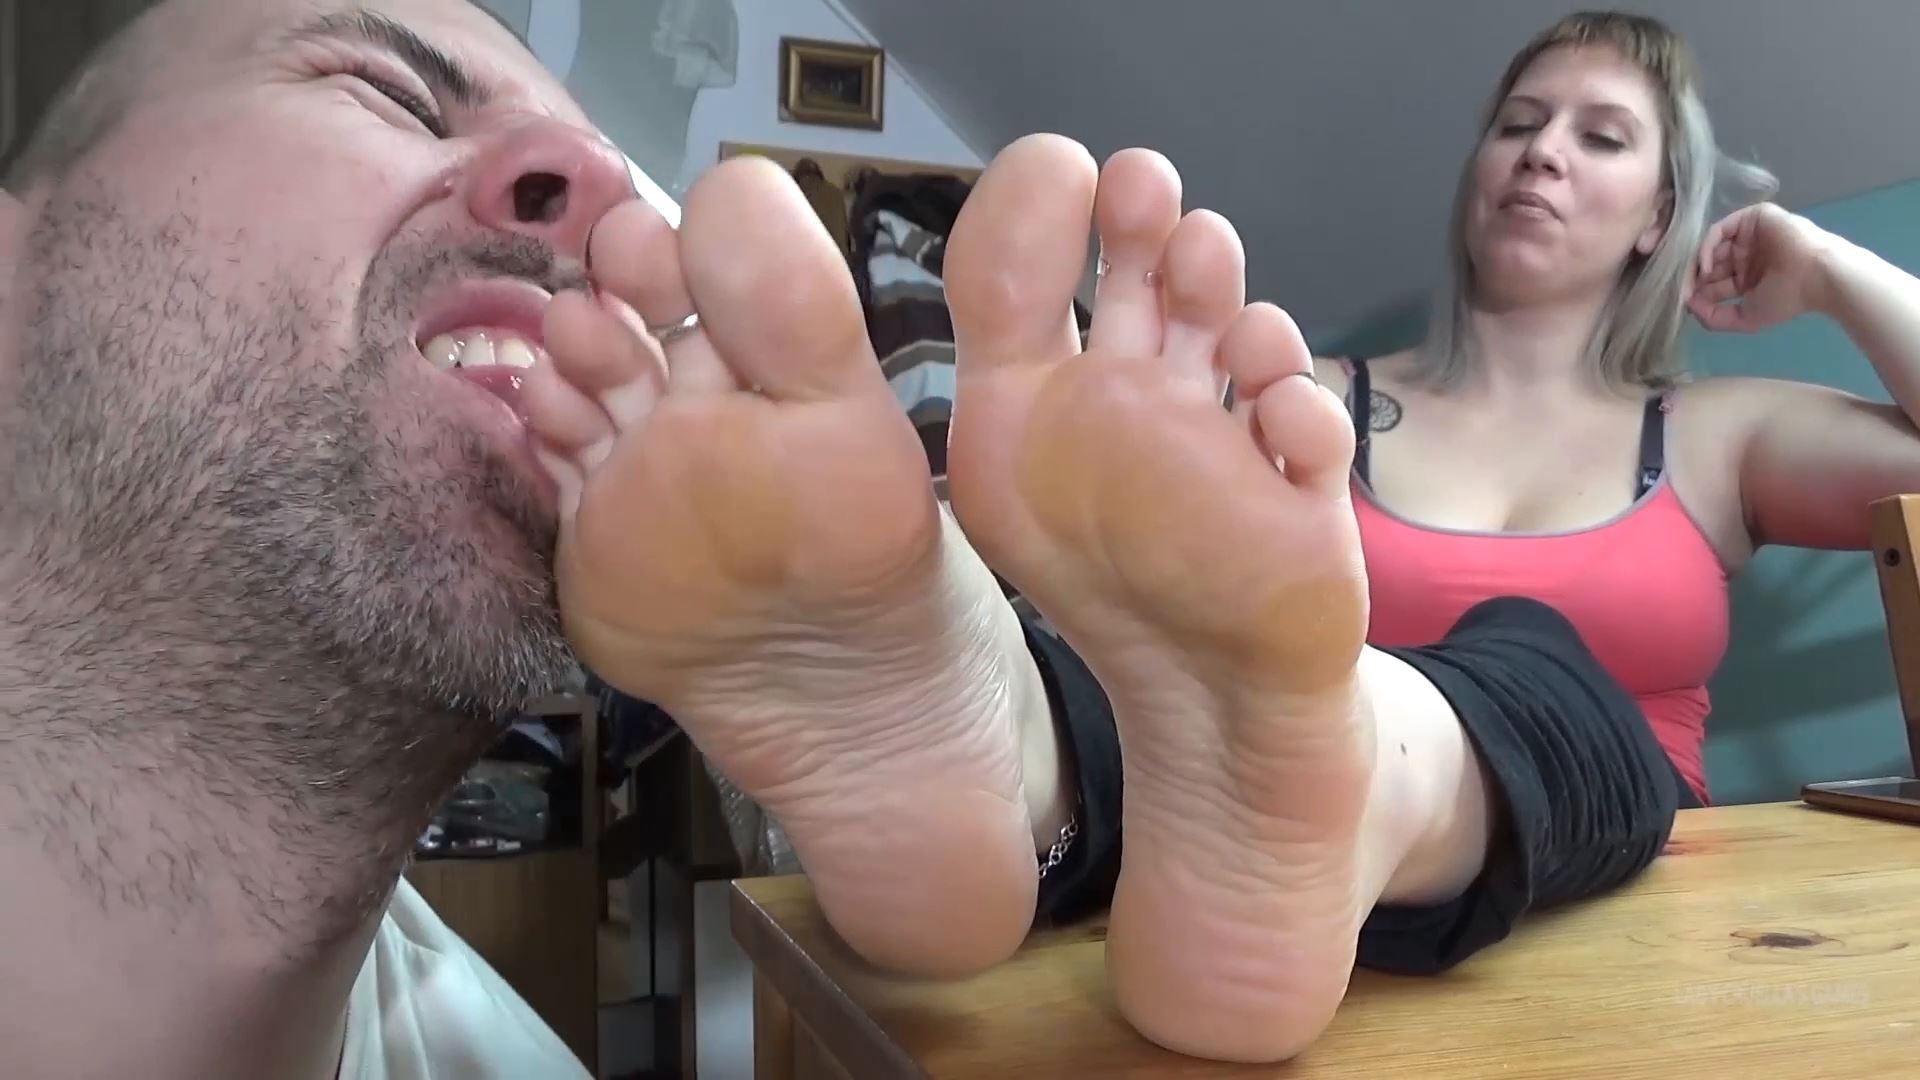 Lady Cruella In Scene: Humiliation games - Smell my socks bro! and Lick my soles bro - LADY CRUELLAS GAMES - FULL HD/1080p/MP4